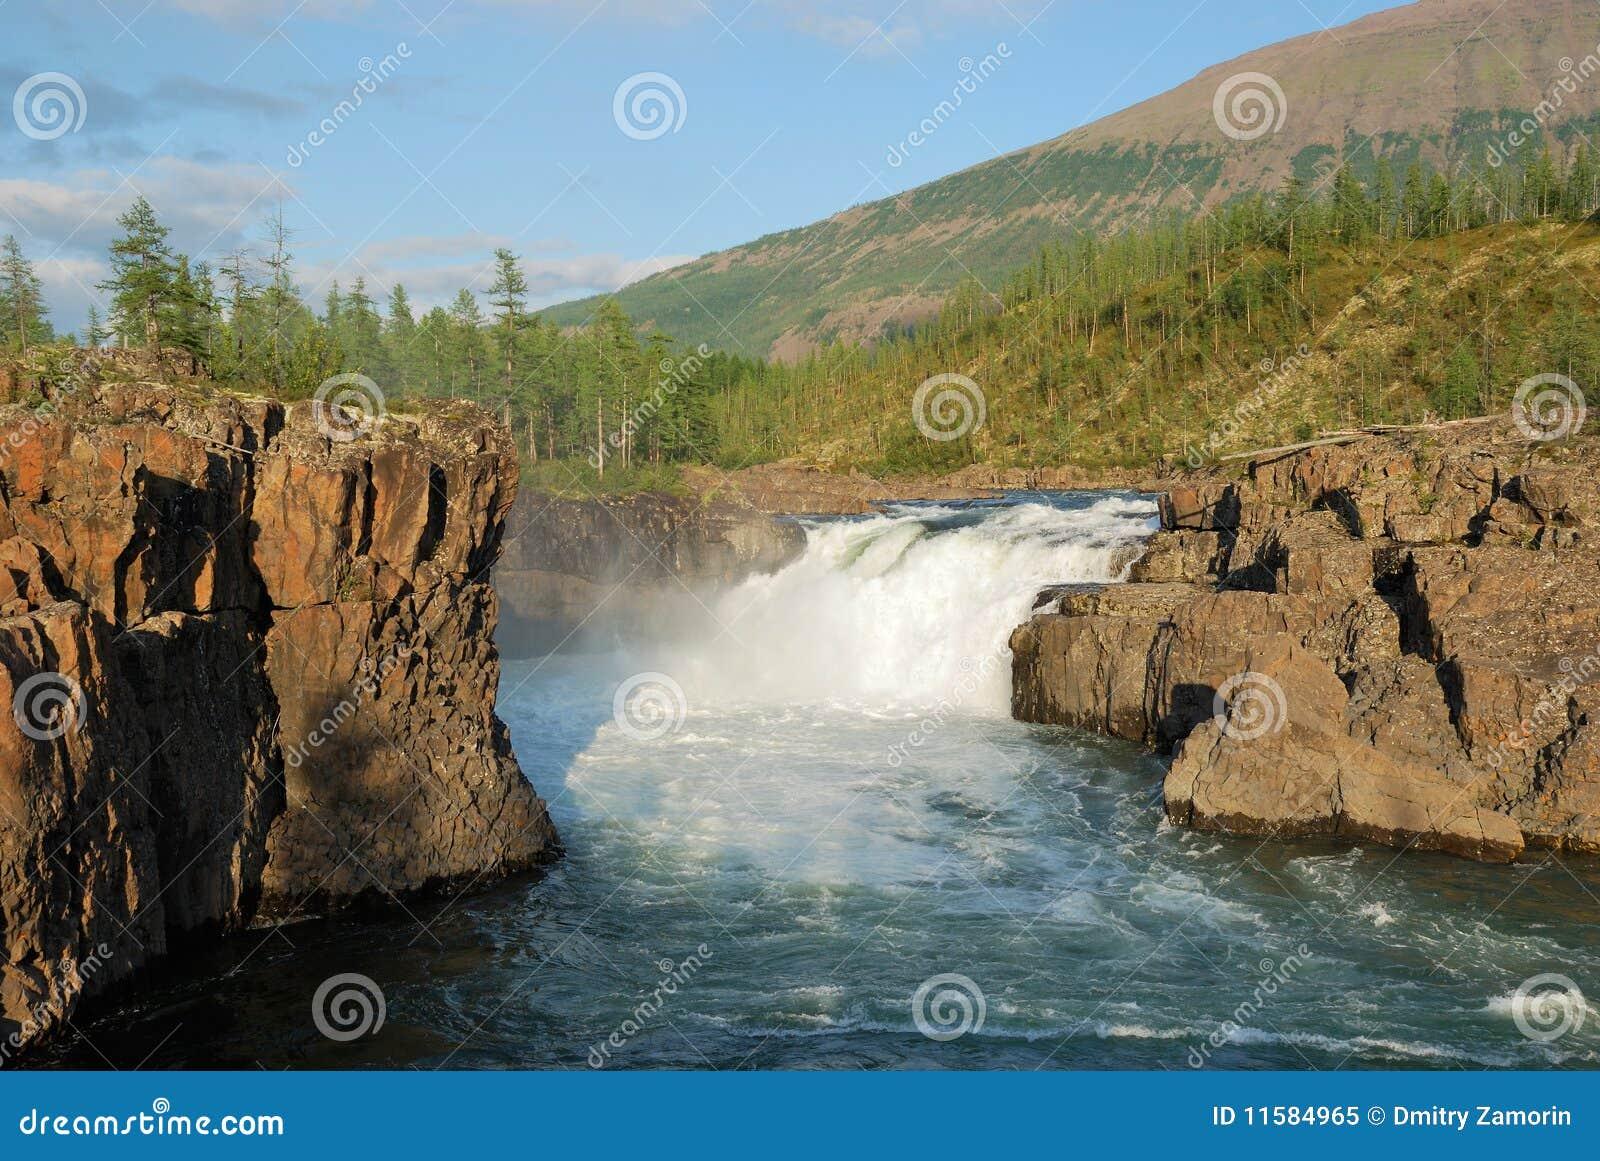 Siberia. Putorana plateau. Yaktali river